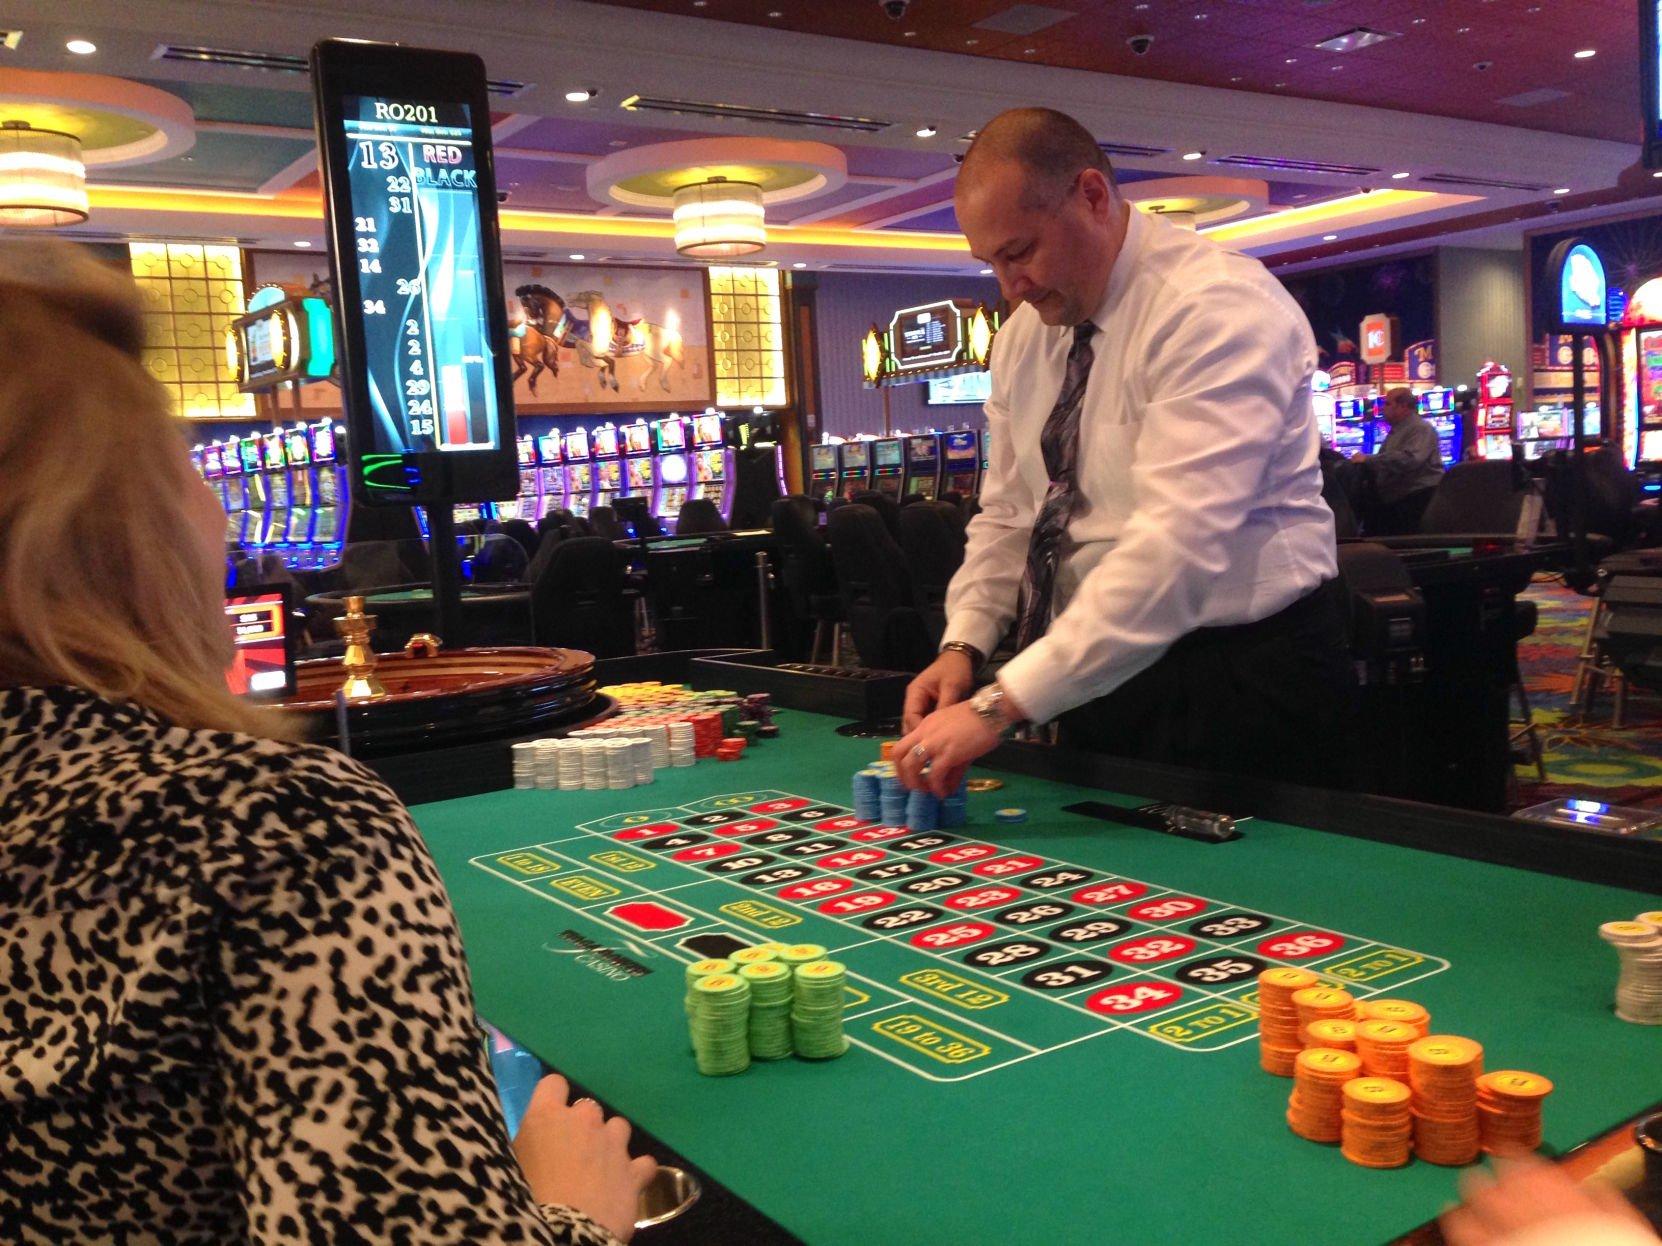 Casino down tioga sacramento thunder valley casino jobs